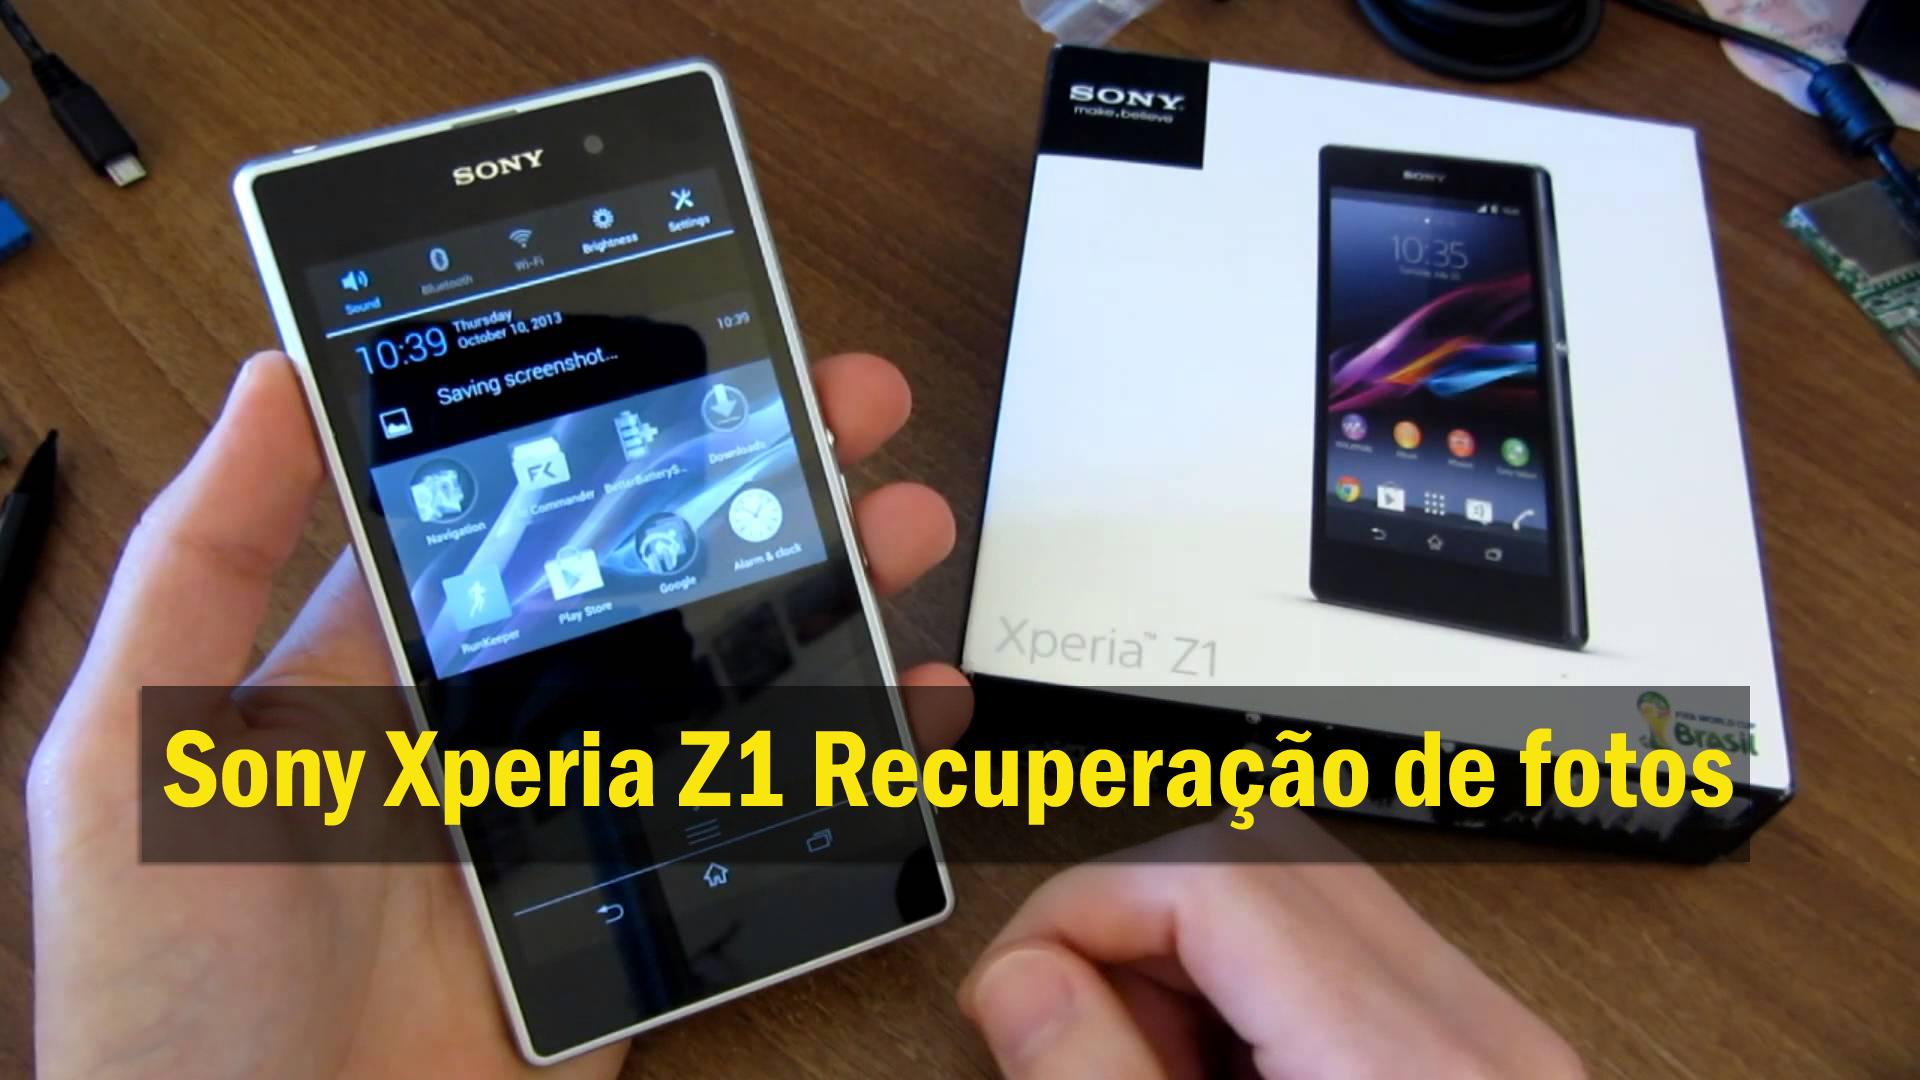 [GUIA] - Como recuperar fotos perdidas / apagadas do Sony Xperia Z1